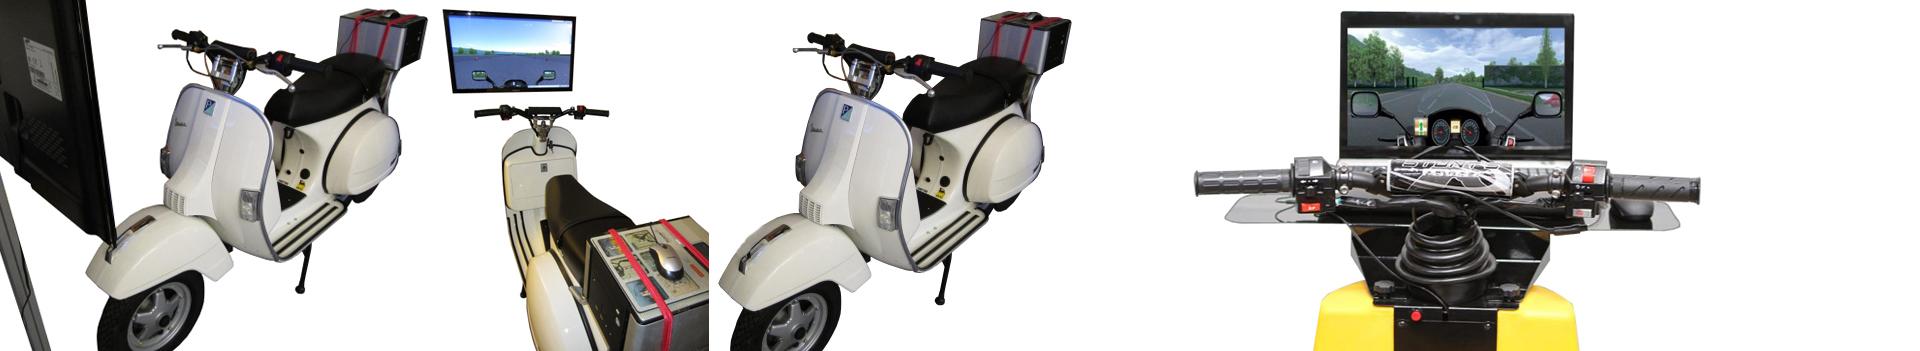 MOTORROLLER SIMULATOR VESPA - Für Nostalgie-Liebhaber kann auch eine Original Vespa oder ein anderes Fahrzeug zum Simulator umgebaut werden.